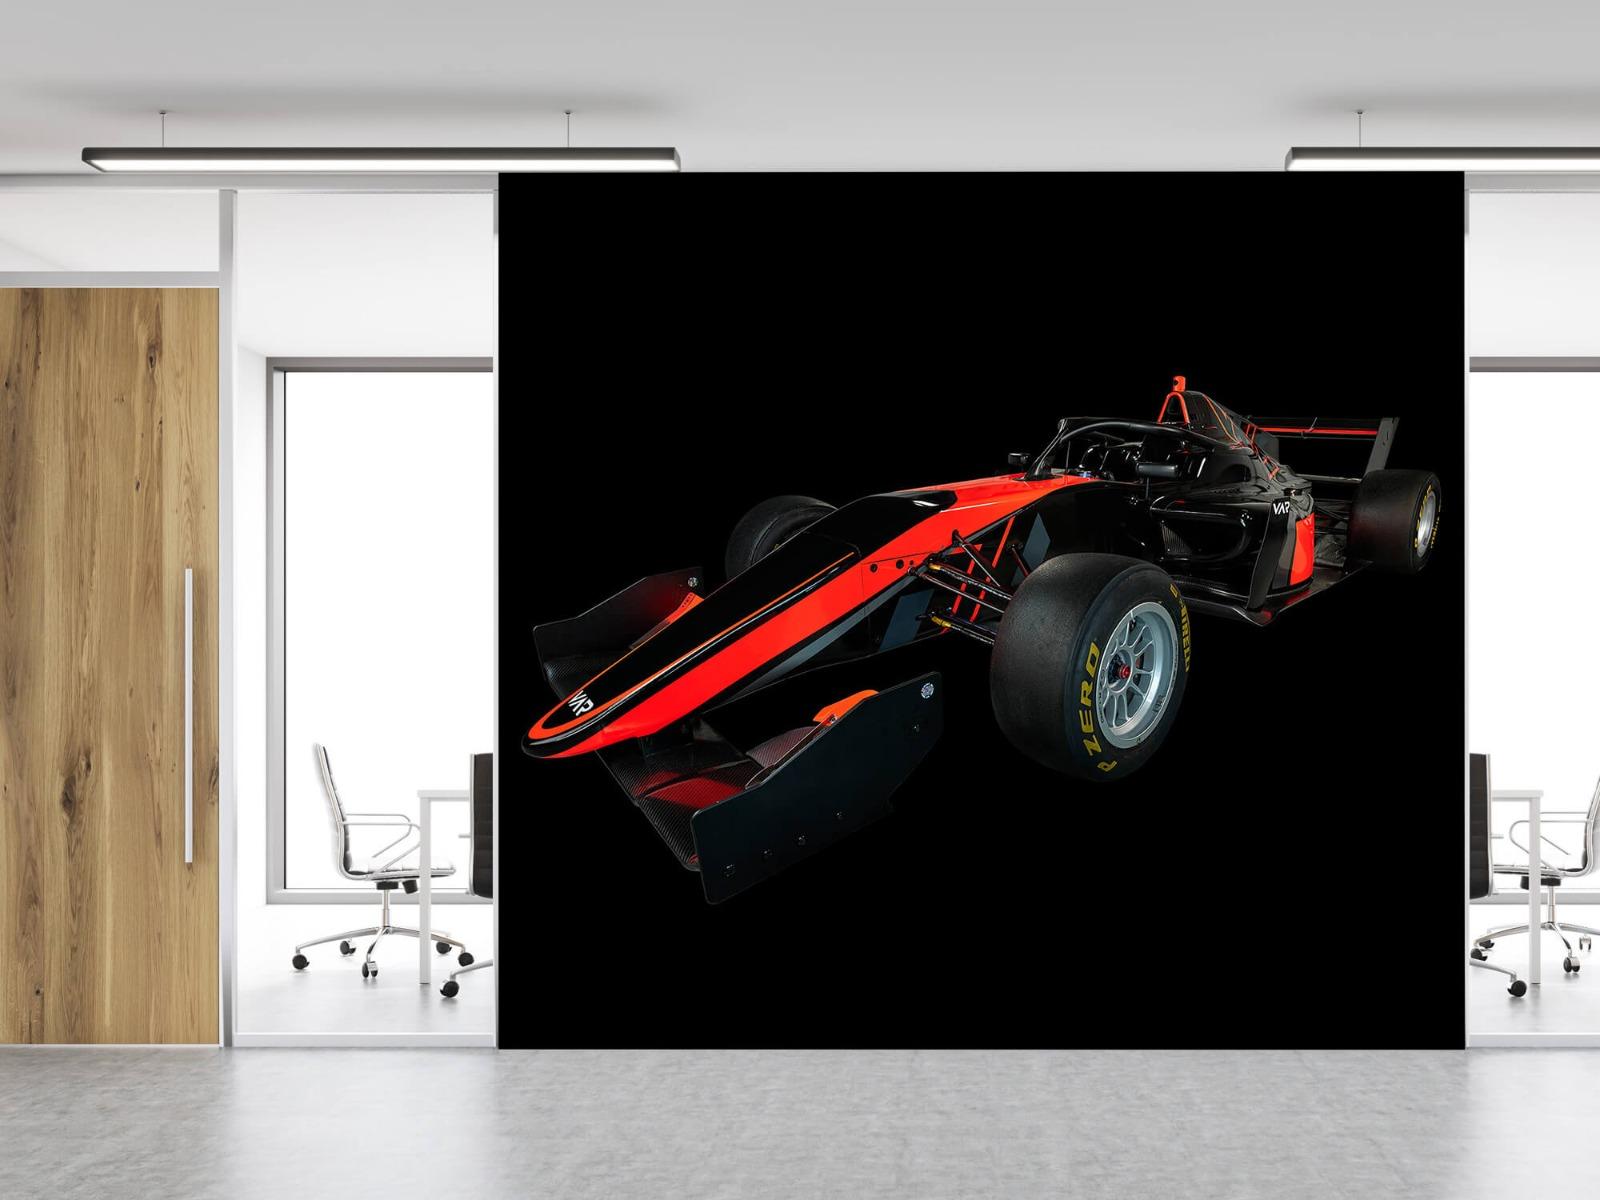 Sportauto's - Formule 3 - Left front view - dark - Vergaderruimte 11